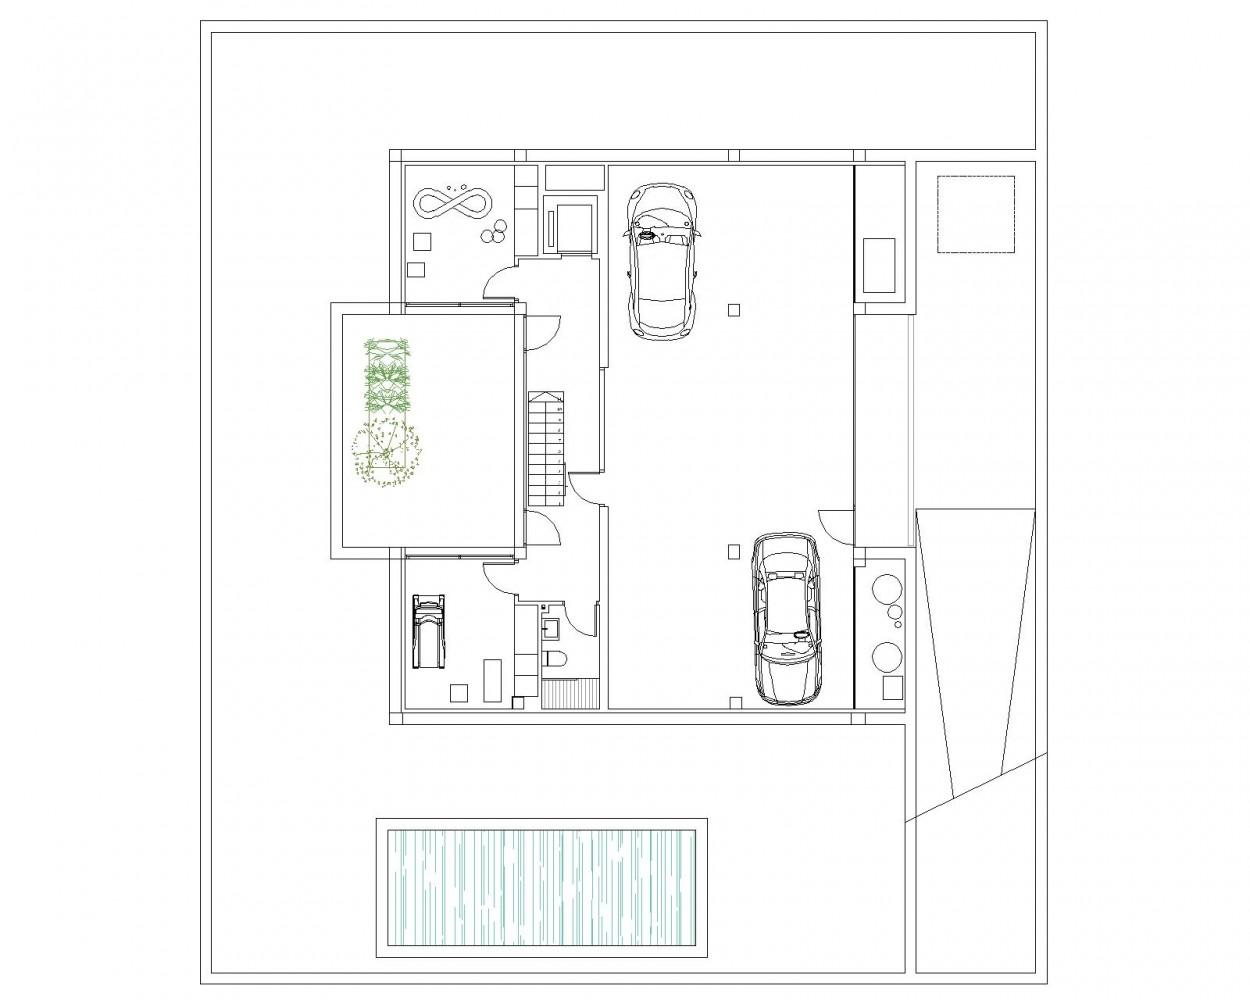 Vivienda aislada y piscina lq1 residencial nu o - Planta baja en ingles ...